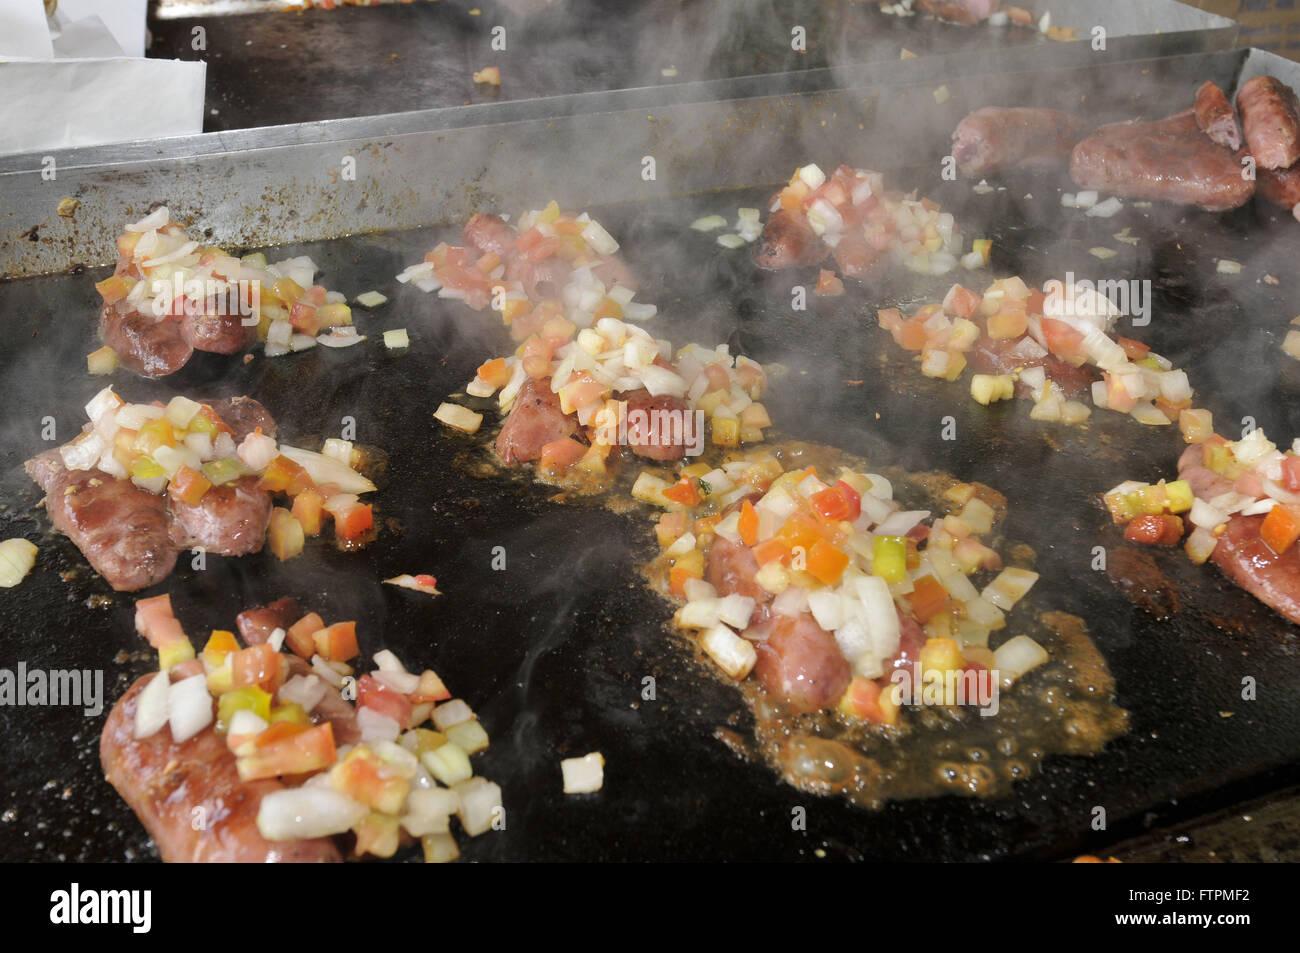 Snack linguica salchichas se cocinan en láminas Imagen De Stock